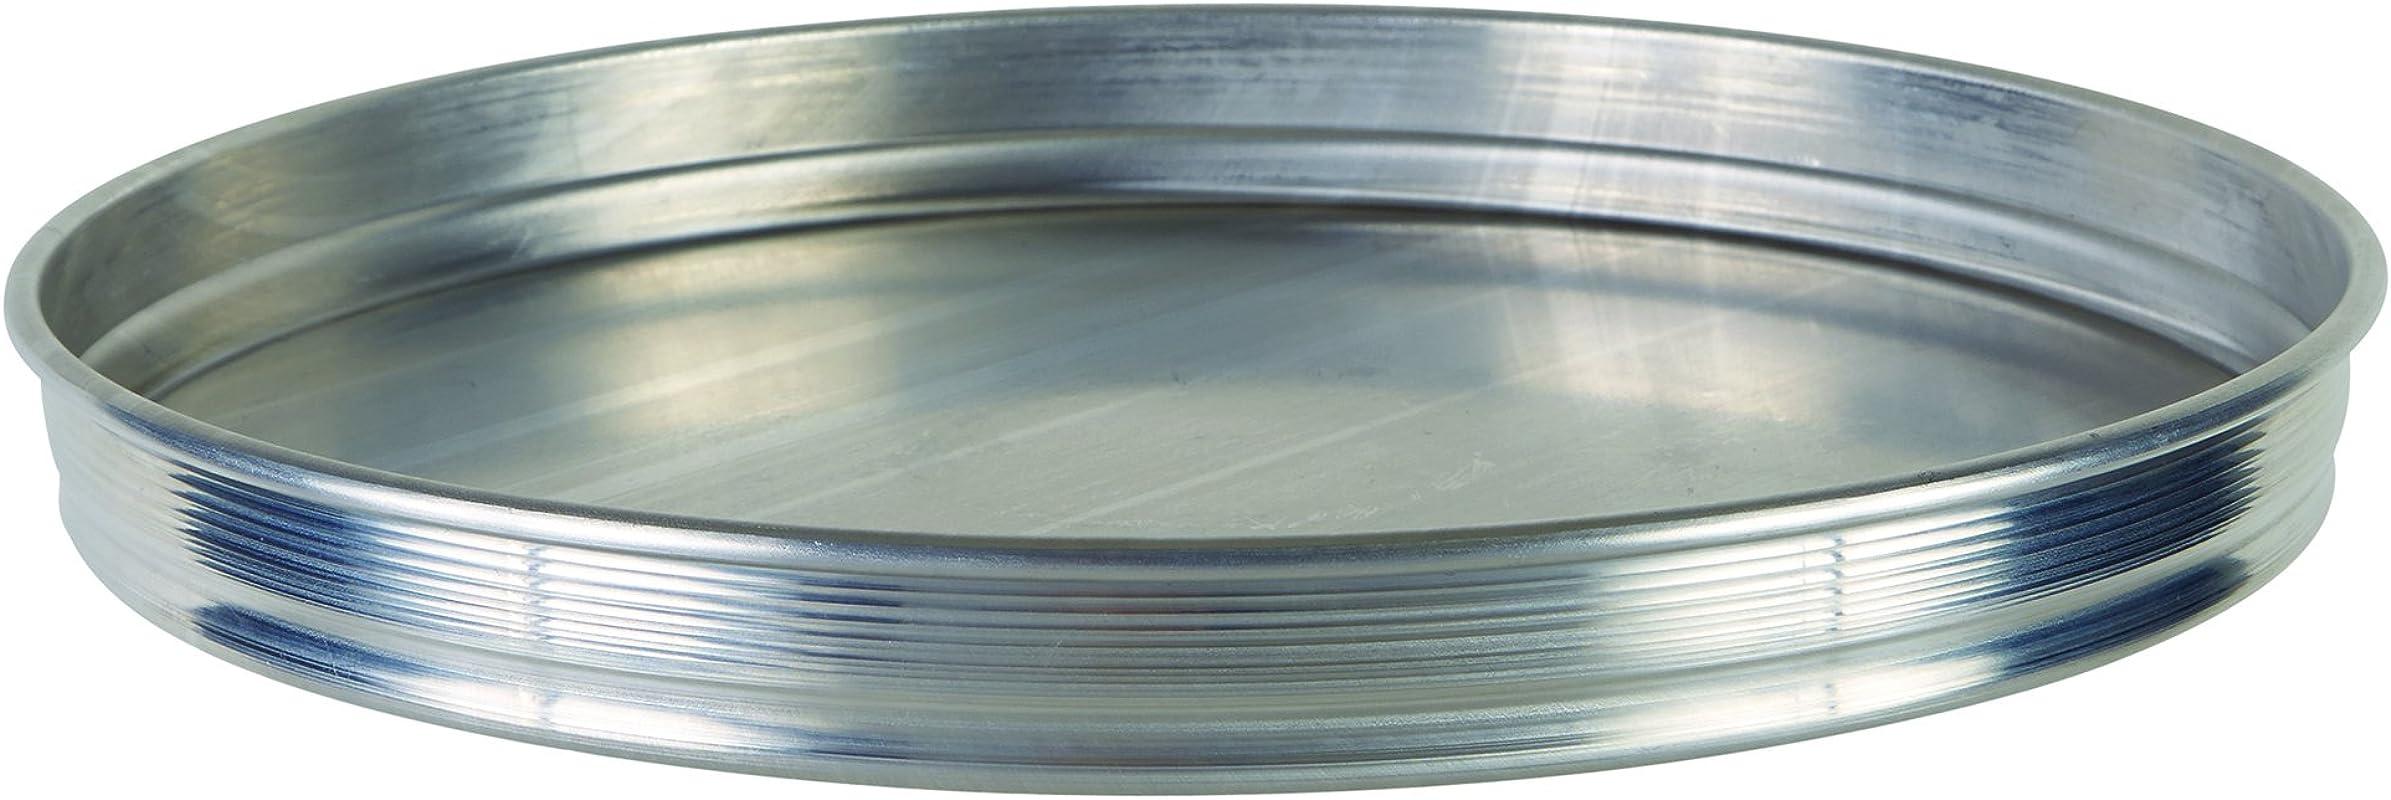 Winco APZK 1215 12 X1 5 Aluminum Pizza Pan